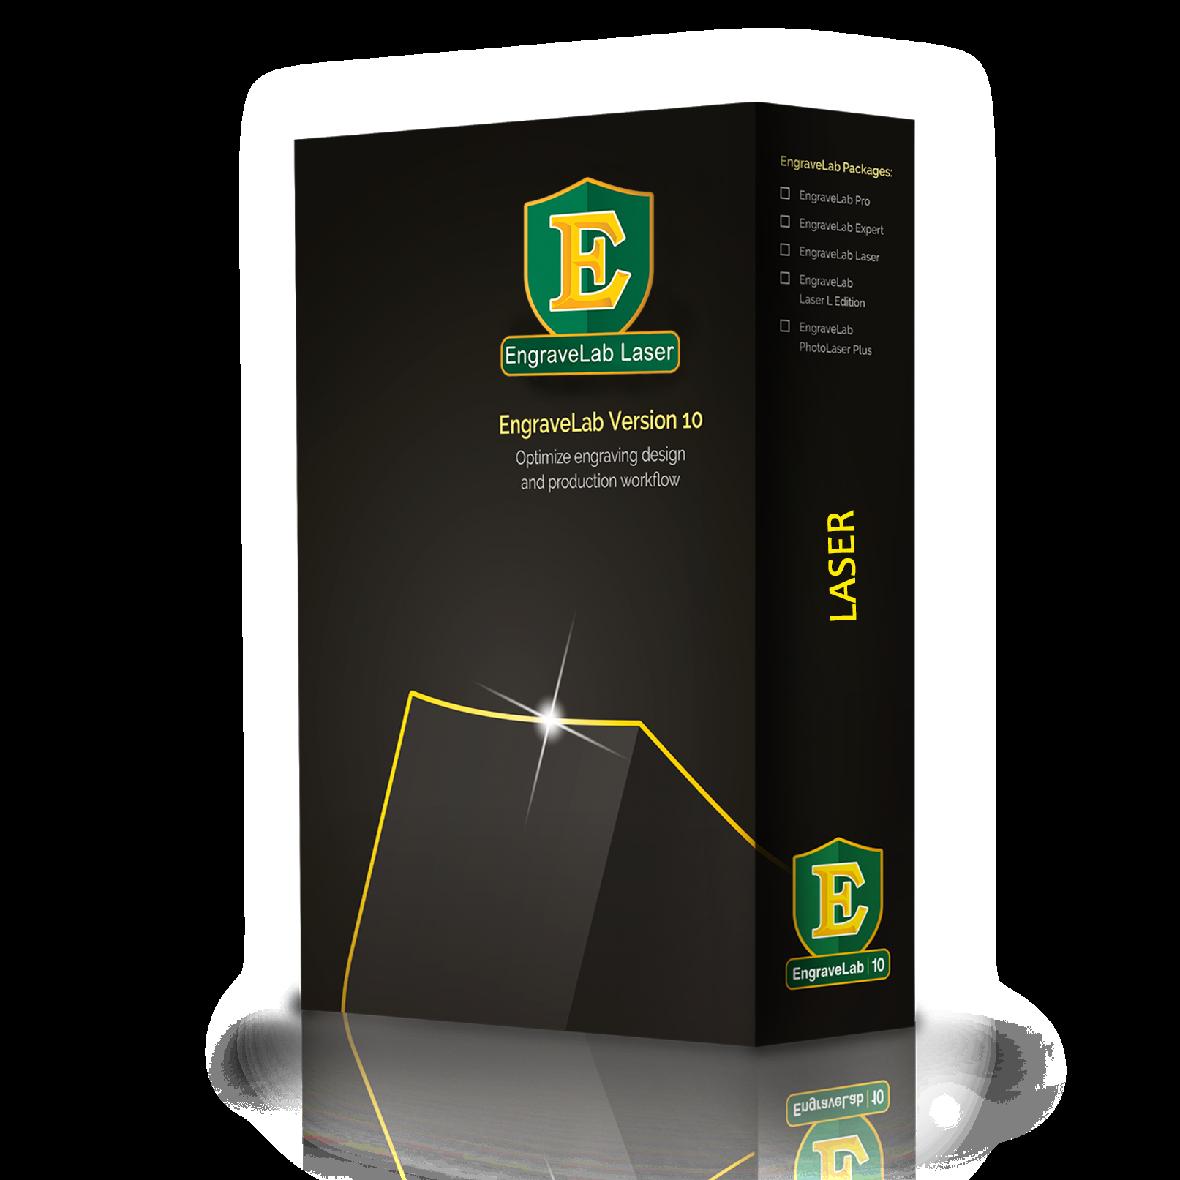 CO2激光雕刻软件下载_三维图文处理软件常用软件-济南派科信息技术有限公司